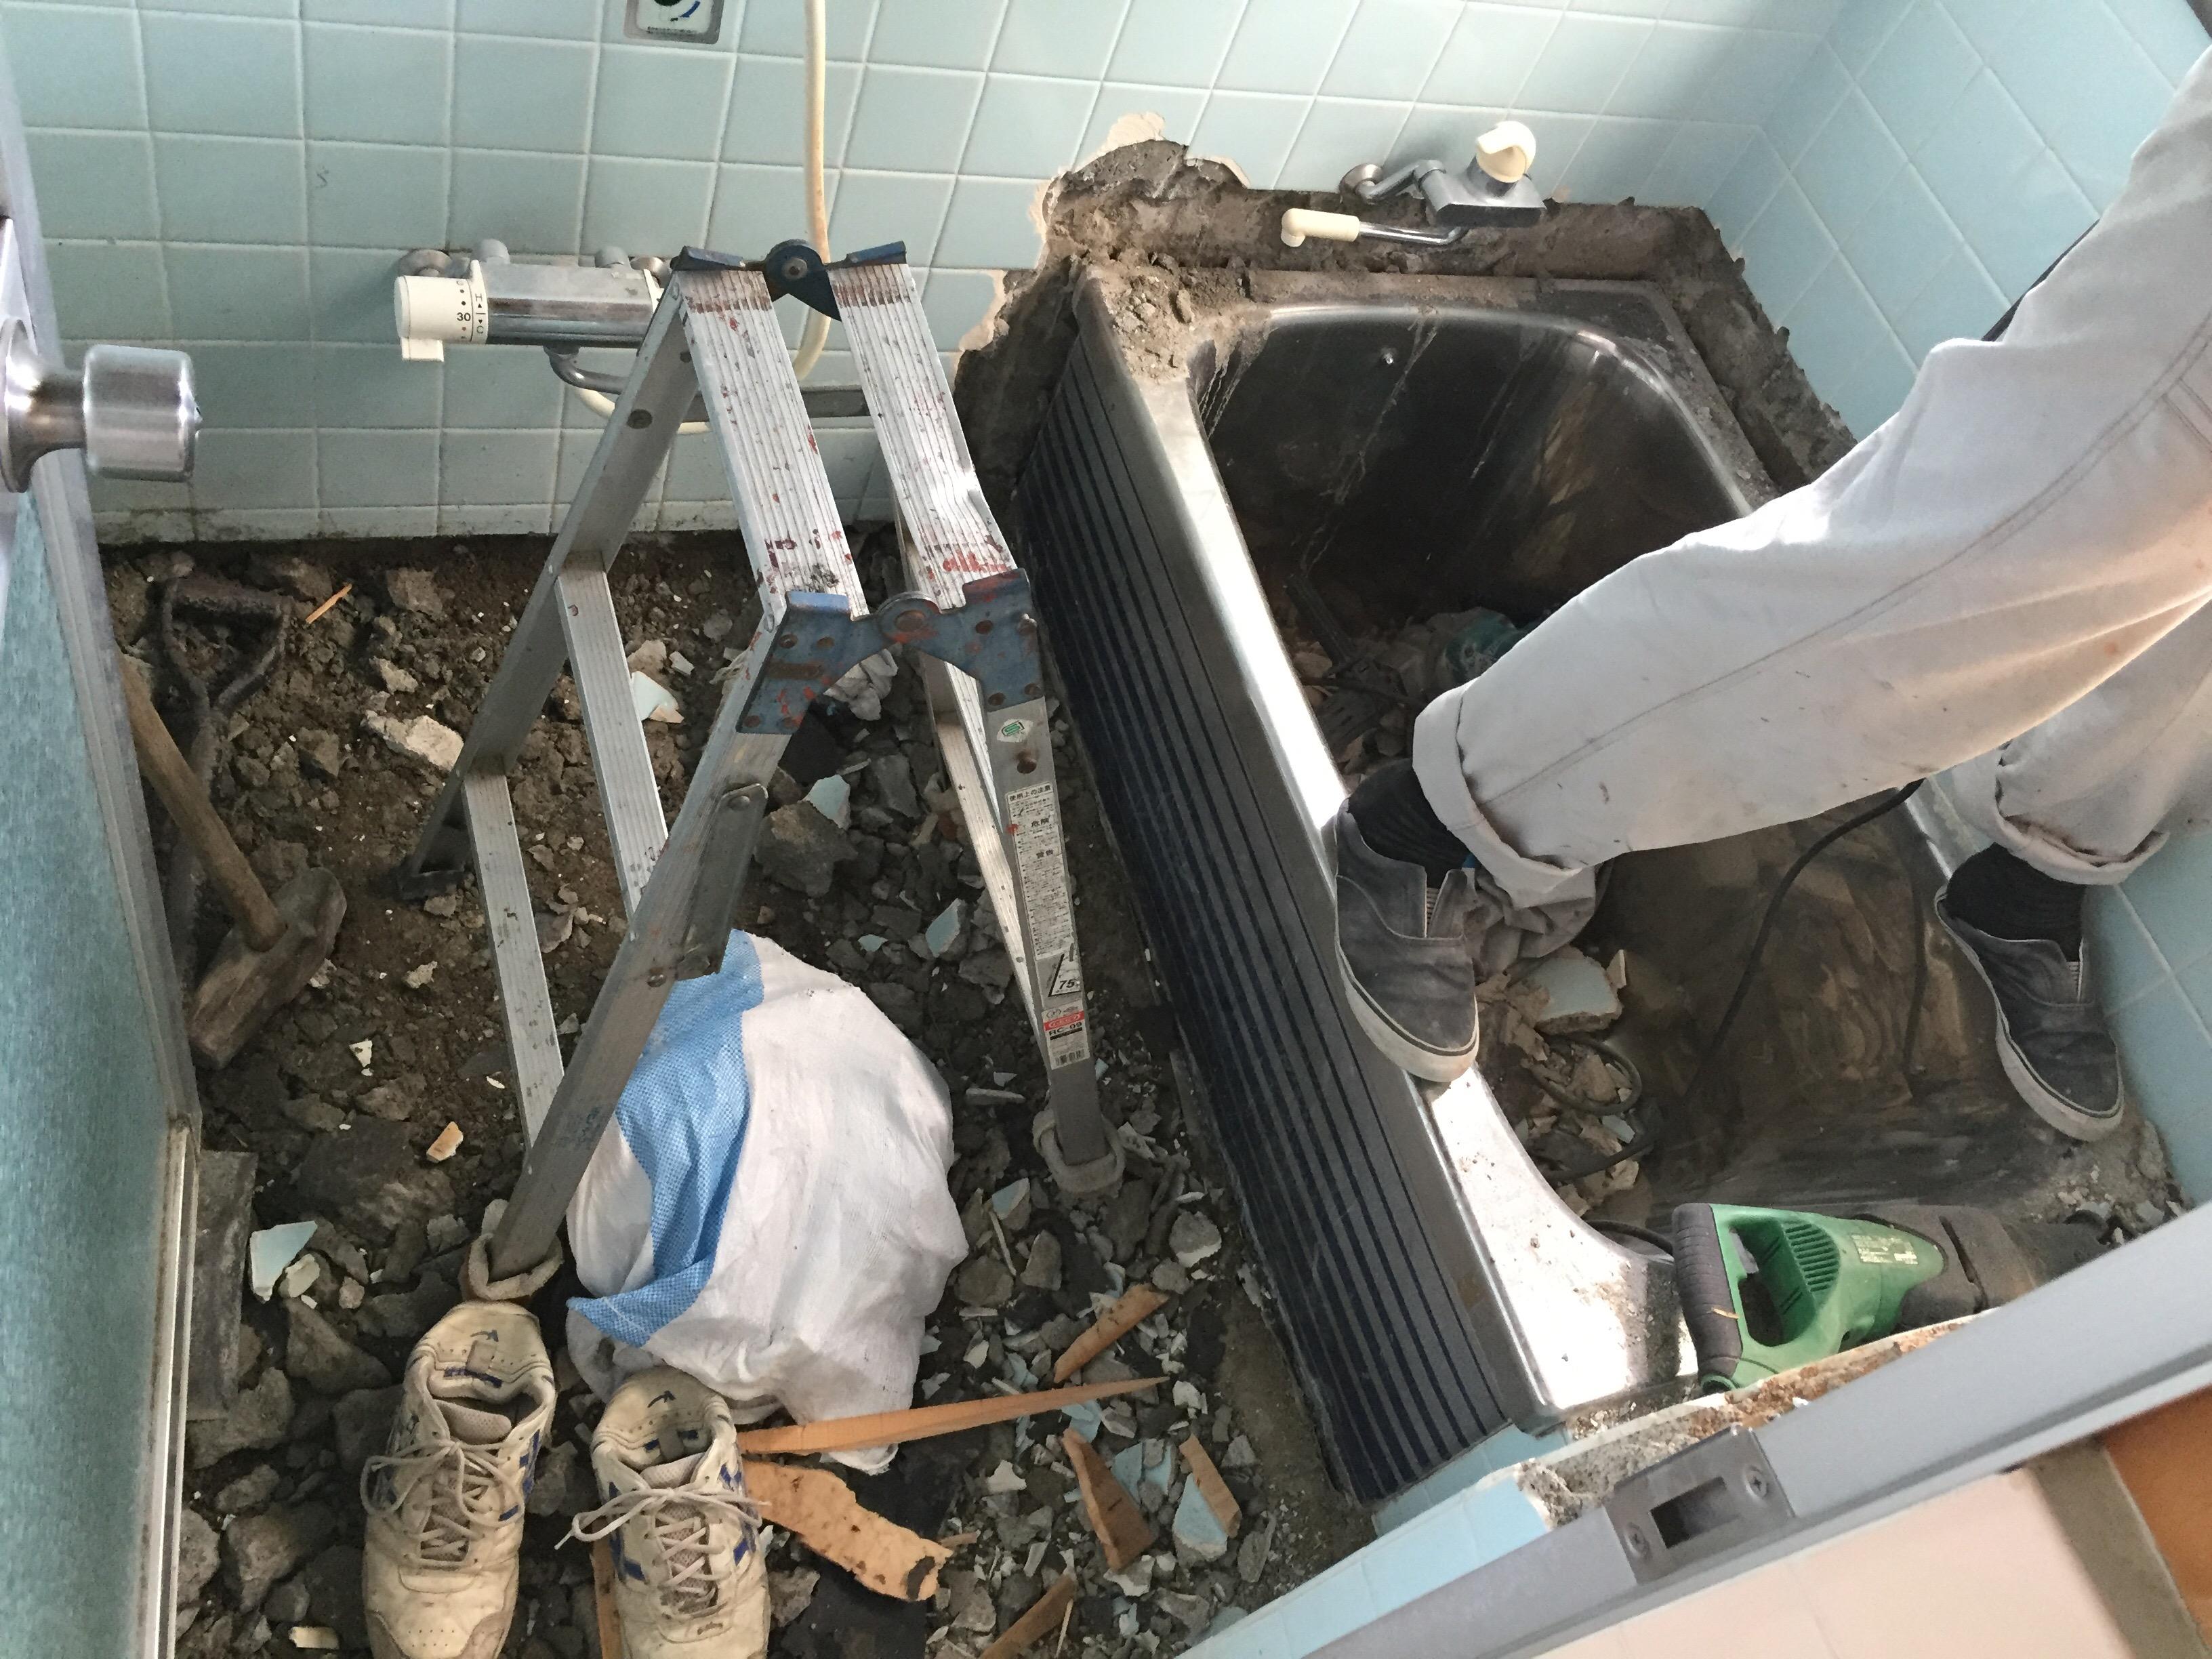 西条市でタイル貼りのお風呂からユニットバスへリフォーム施工中